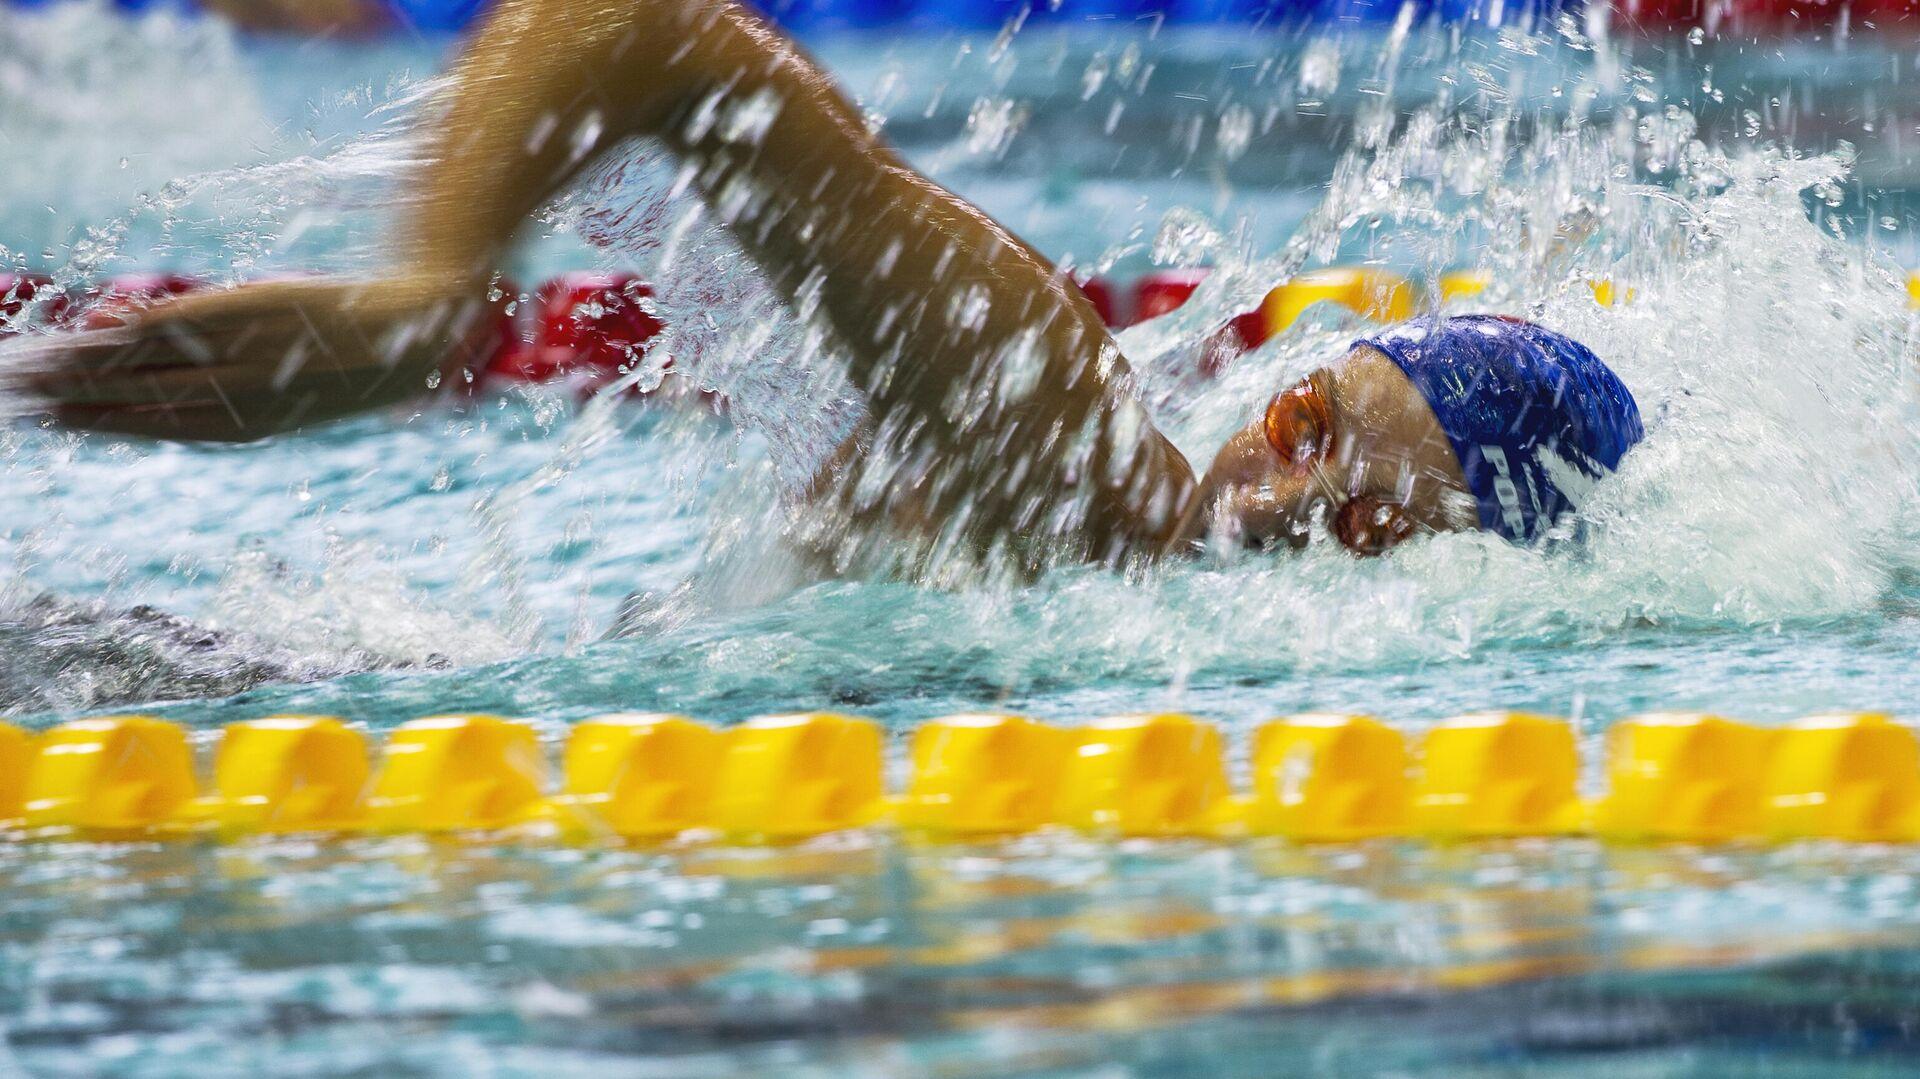 Pływanie na basenie - Sputnik Polska, 1920, 18.07.2021